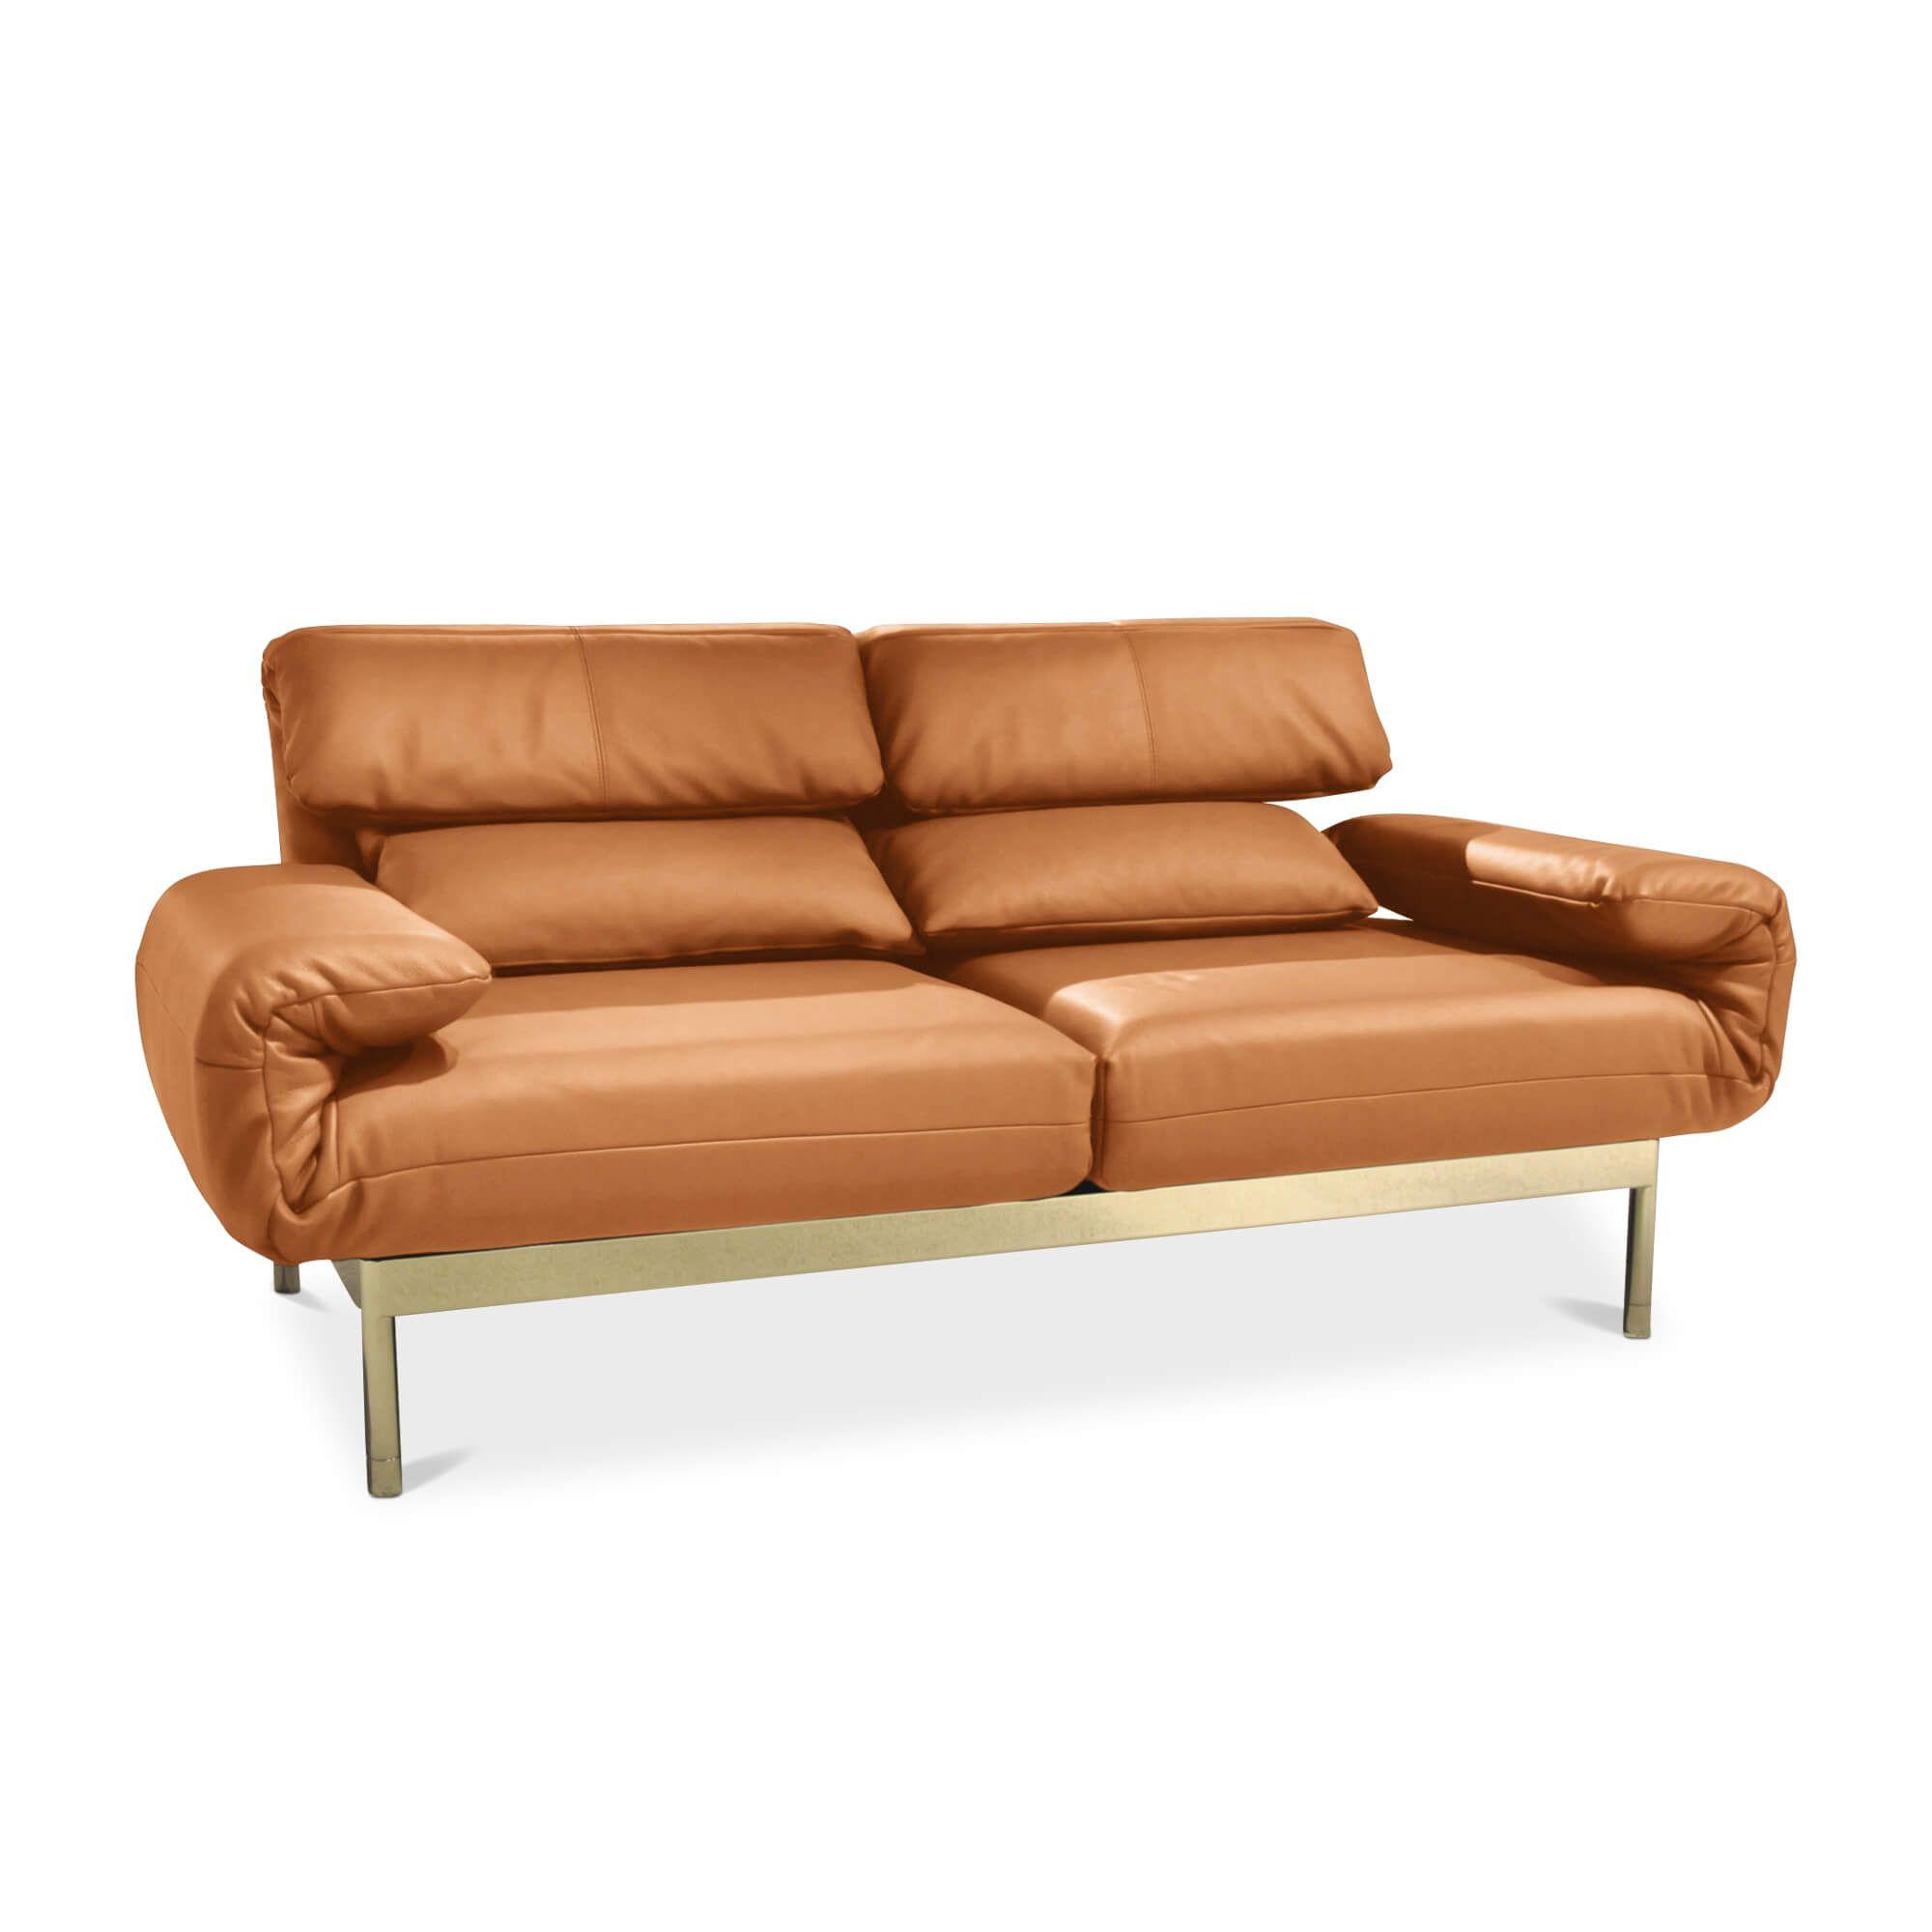 Sofa Plura in Orange stufenlos verstellbar – Rolf Benz – Sofas